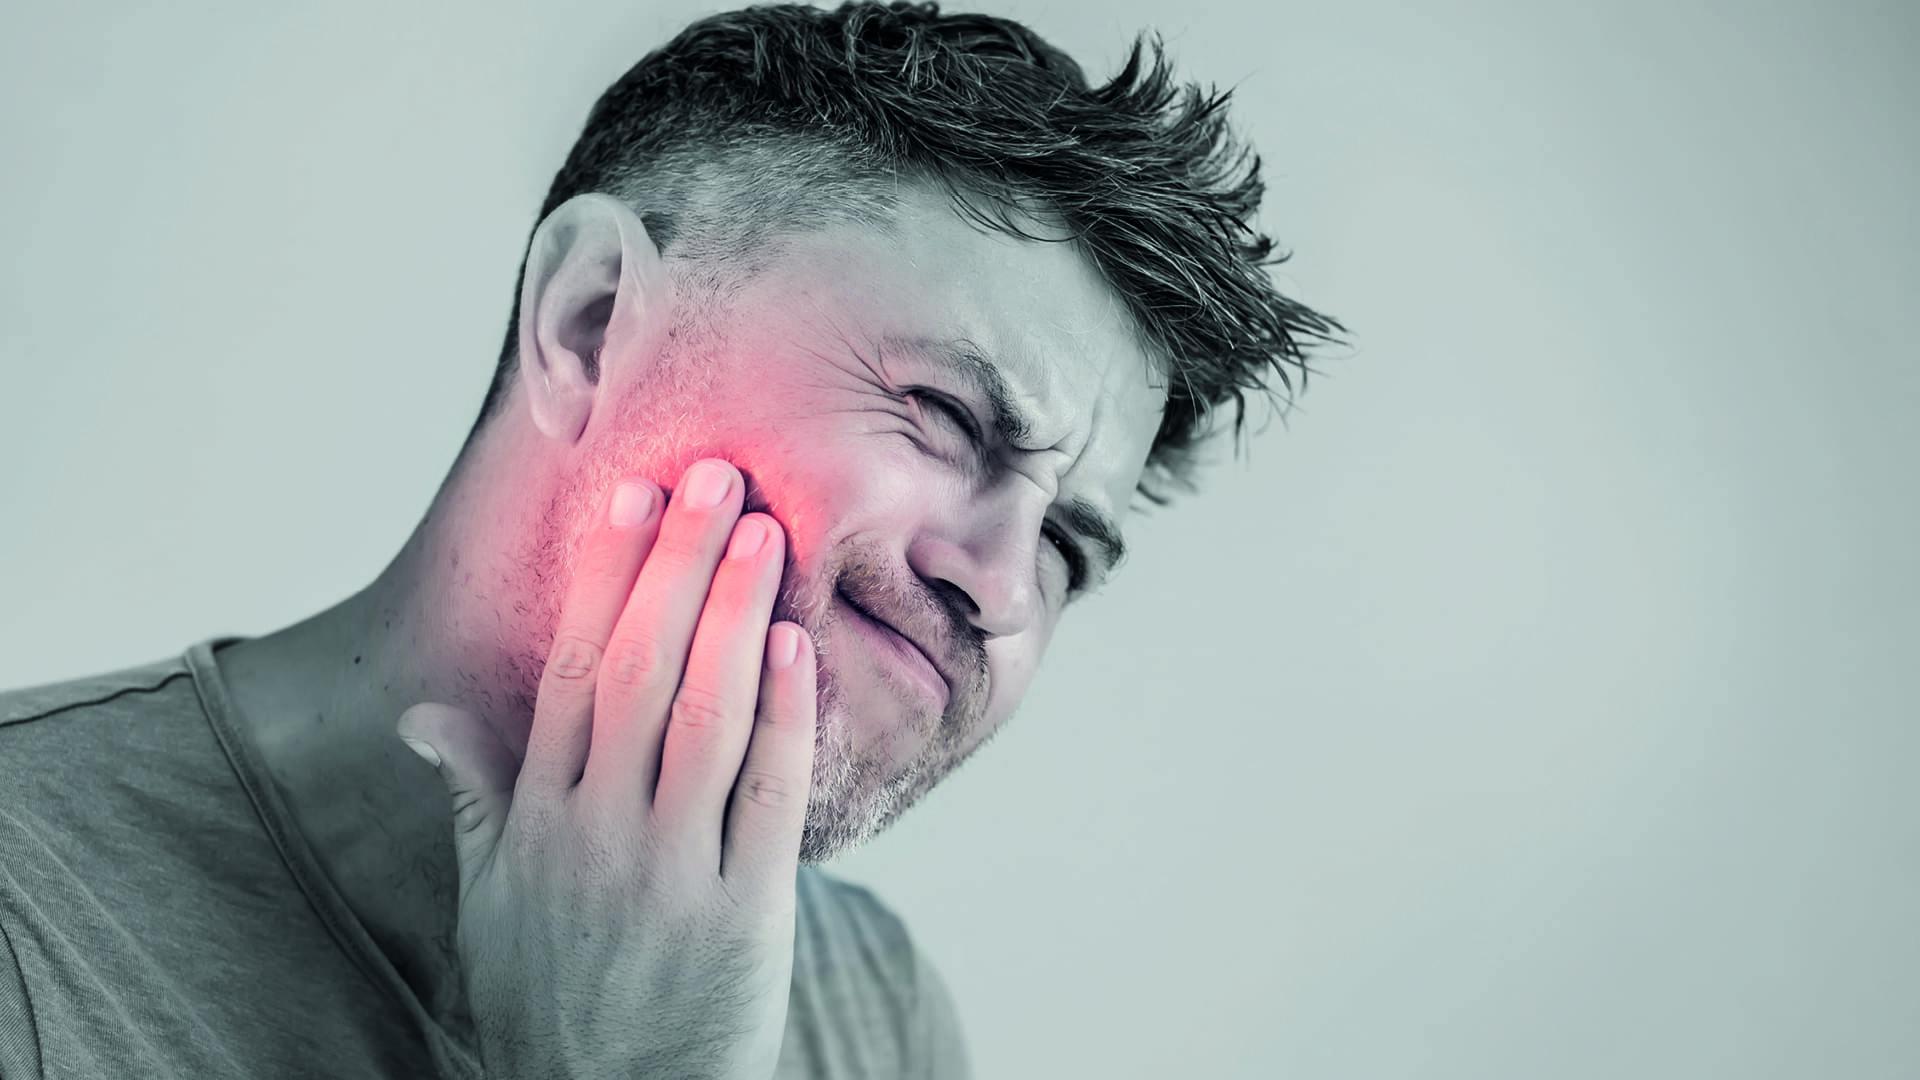 Ευαίσθητα Δόντια – Αιτίες και Τρόποι Αντιμετώπισης